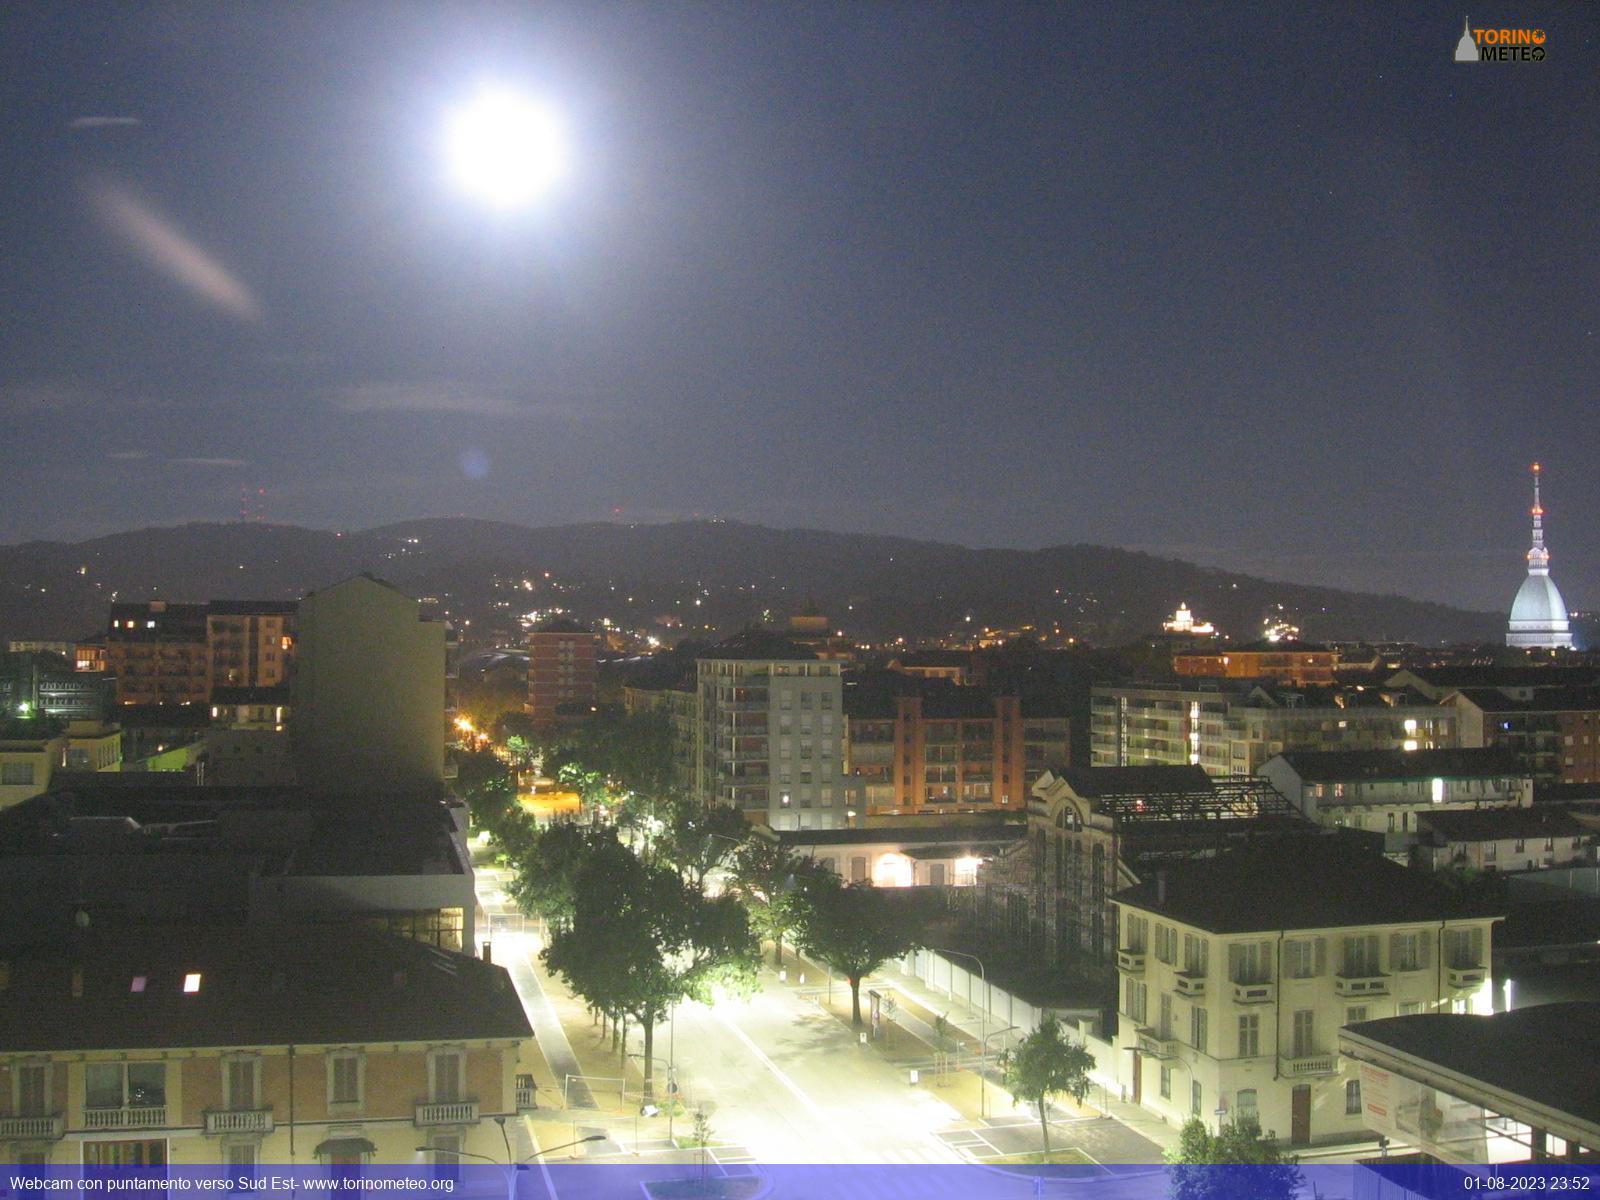 web-cam Torino